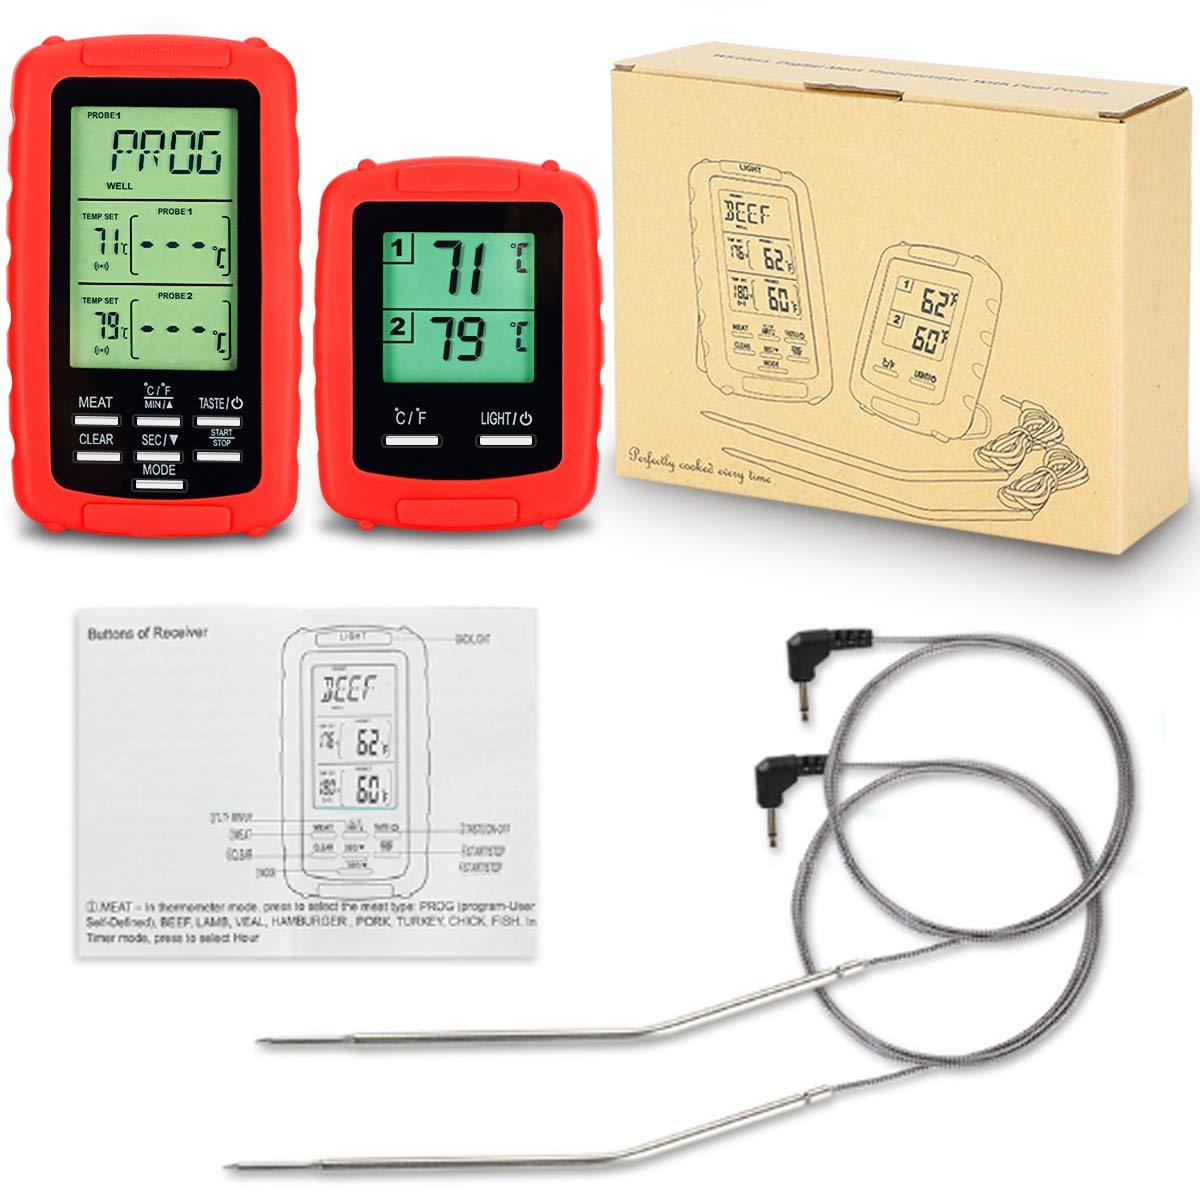 EAAGD Termómetro Digital Inalámbrico Para Cocinar Carne - 3 sondas + 4pcs AAA Batería,Para Cocina / Barbacoa / Horno / Comida, Controle Los Alimentos ...